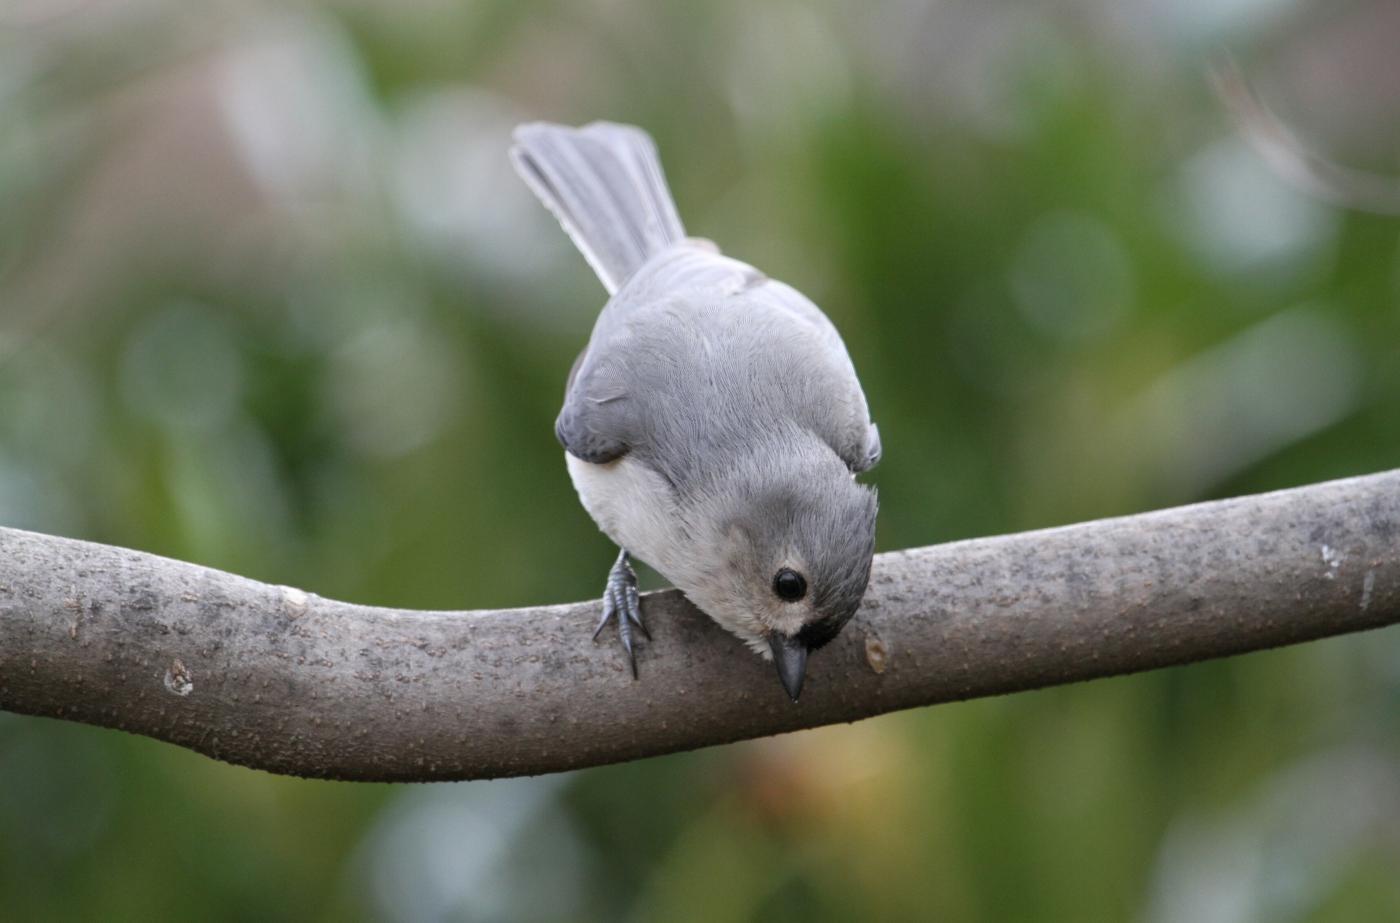 【田螺摄影】春鸟画、灰冠山雀_图1-14